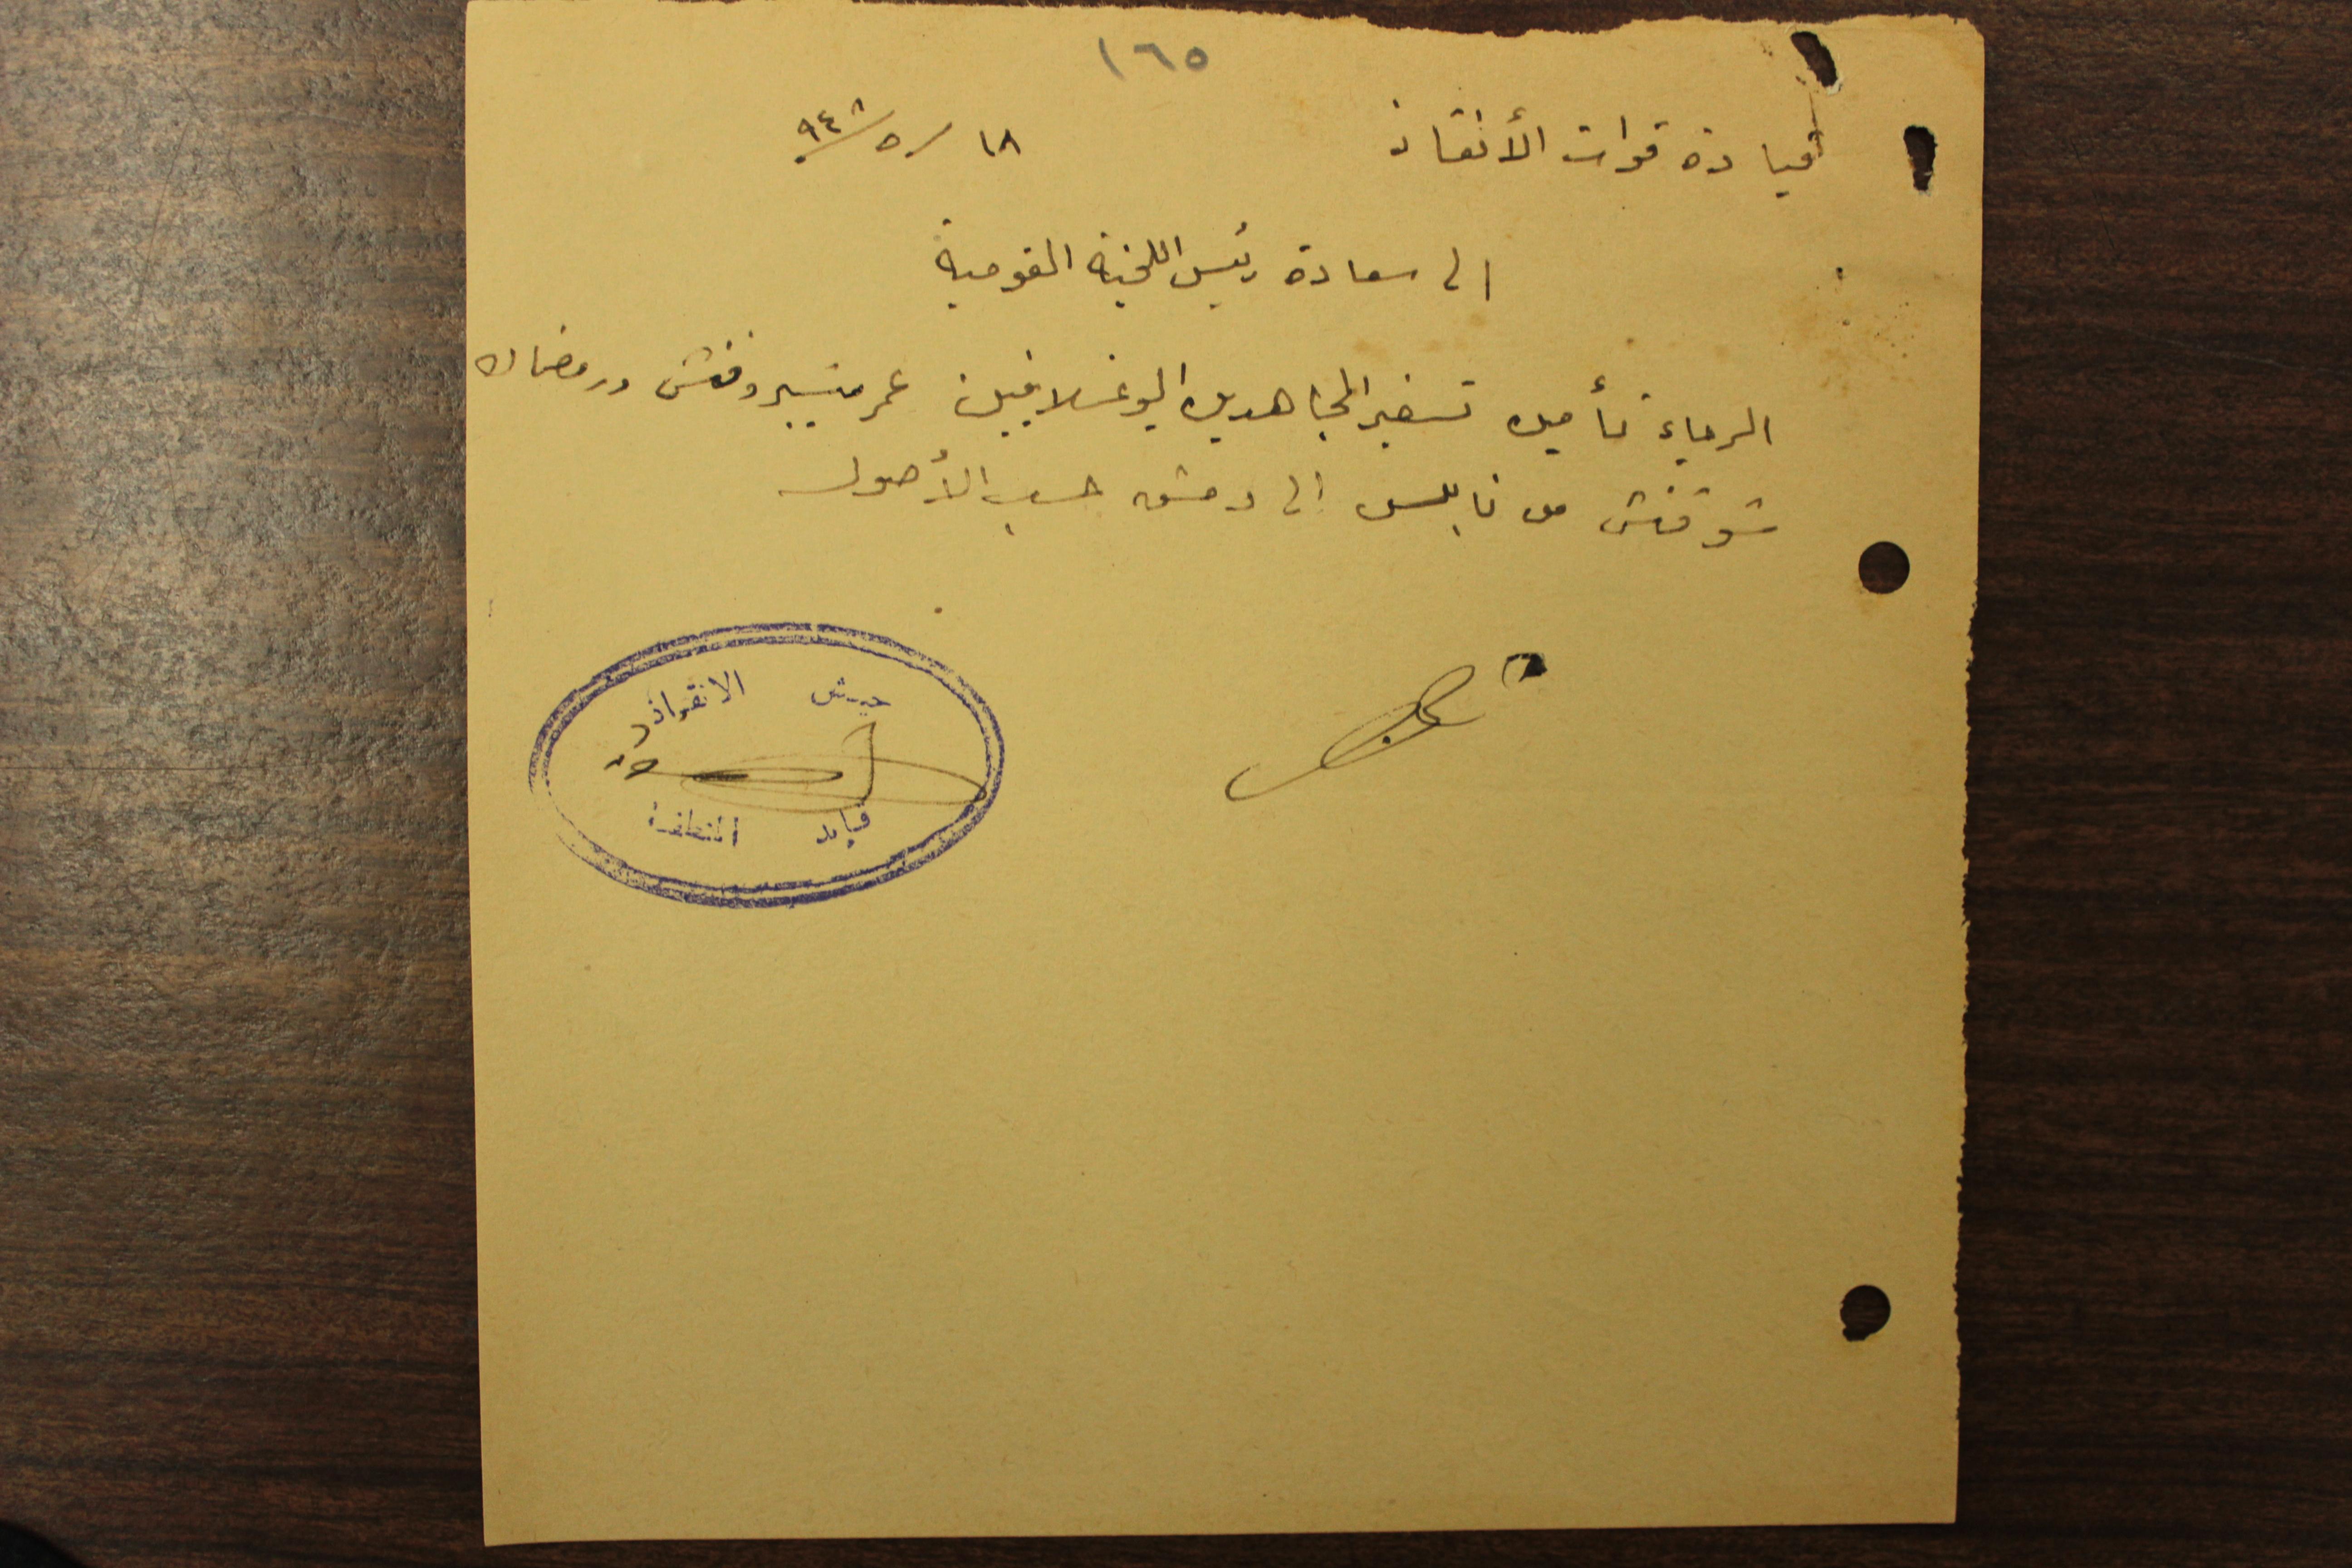 قيادة قوى الانقاذ إلى اللجنة القومية العربية عام 1948 (19).JPG